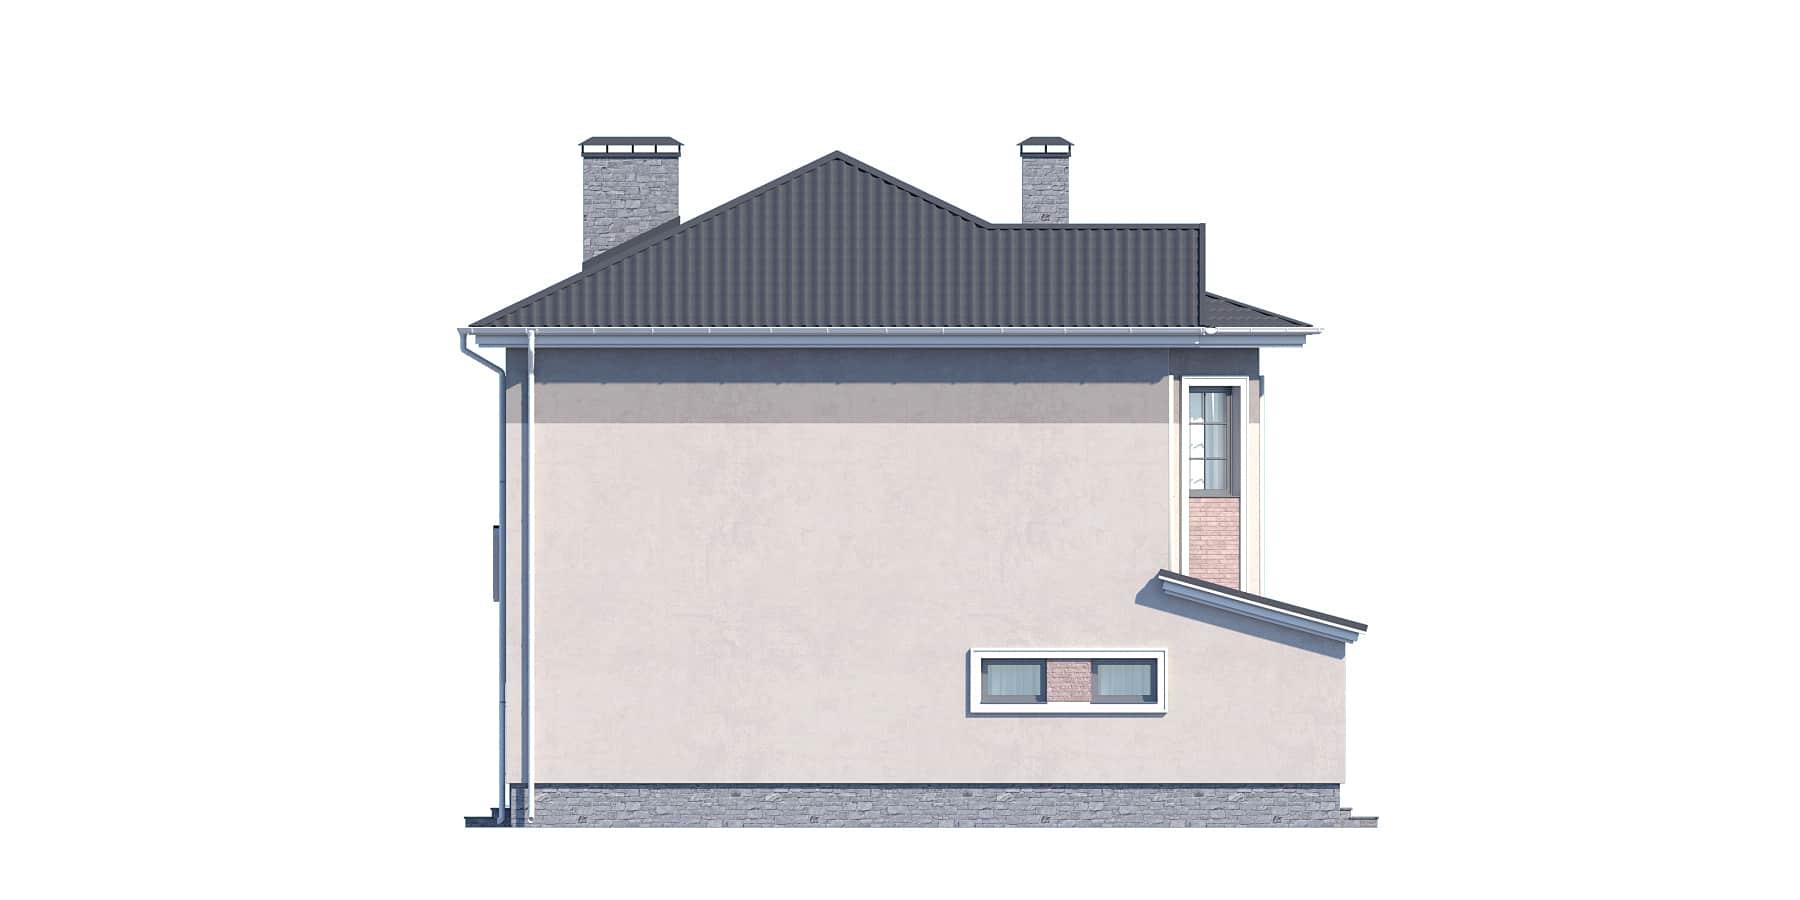 Фасад двухэтажного дома с гаражом, террасой «КД-32» - слева